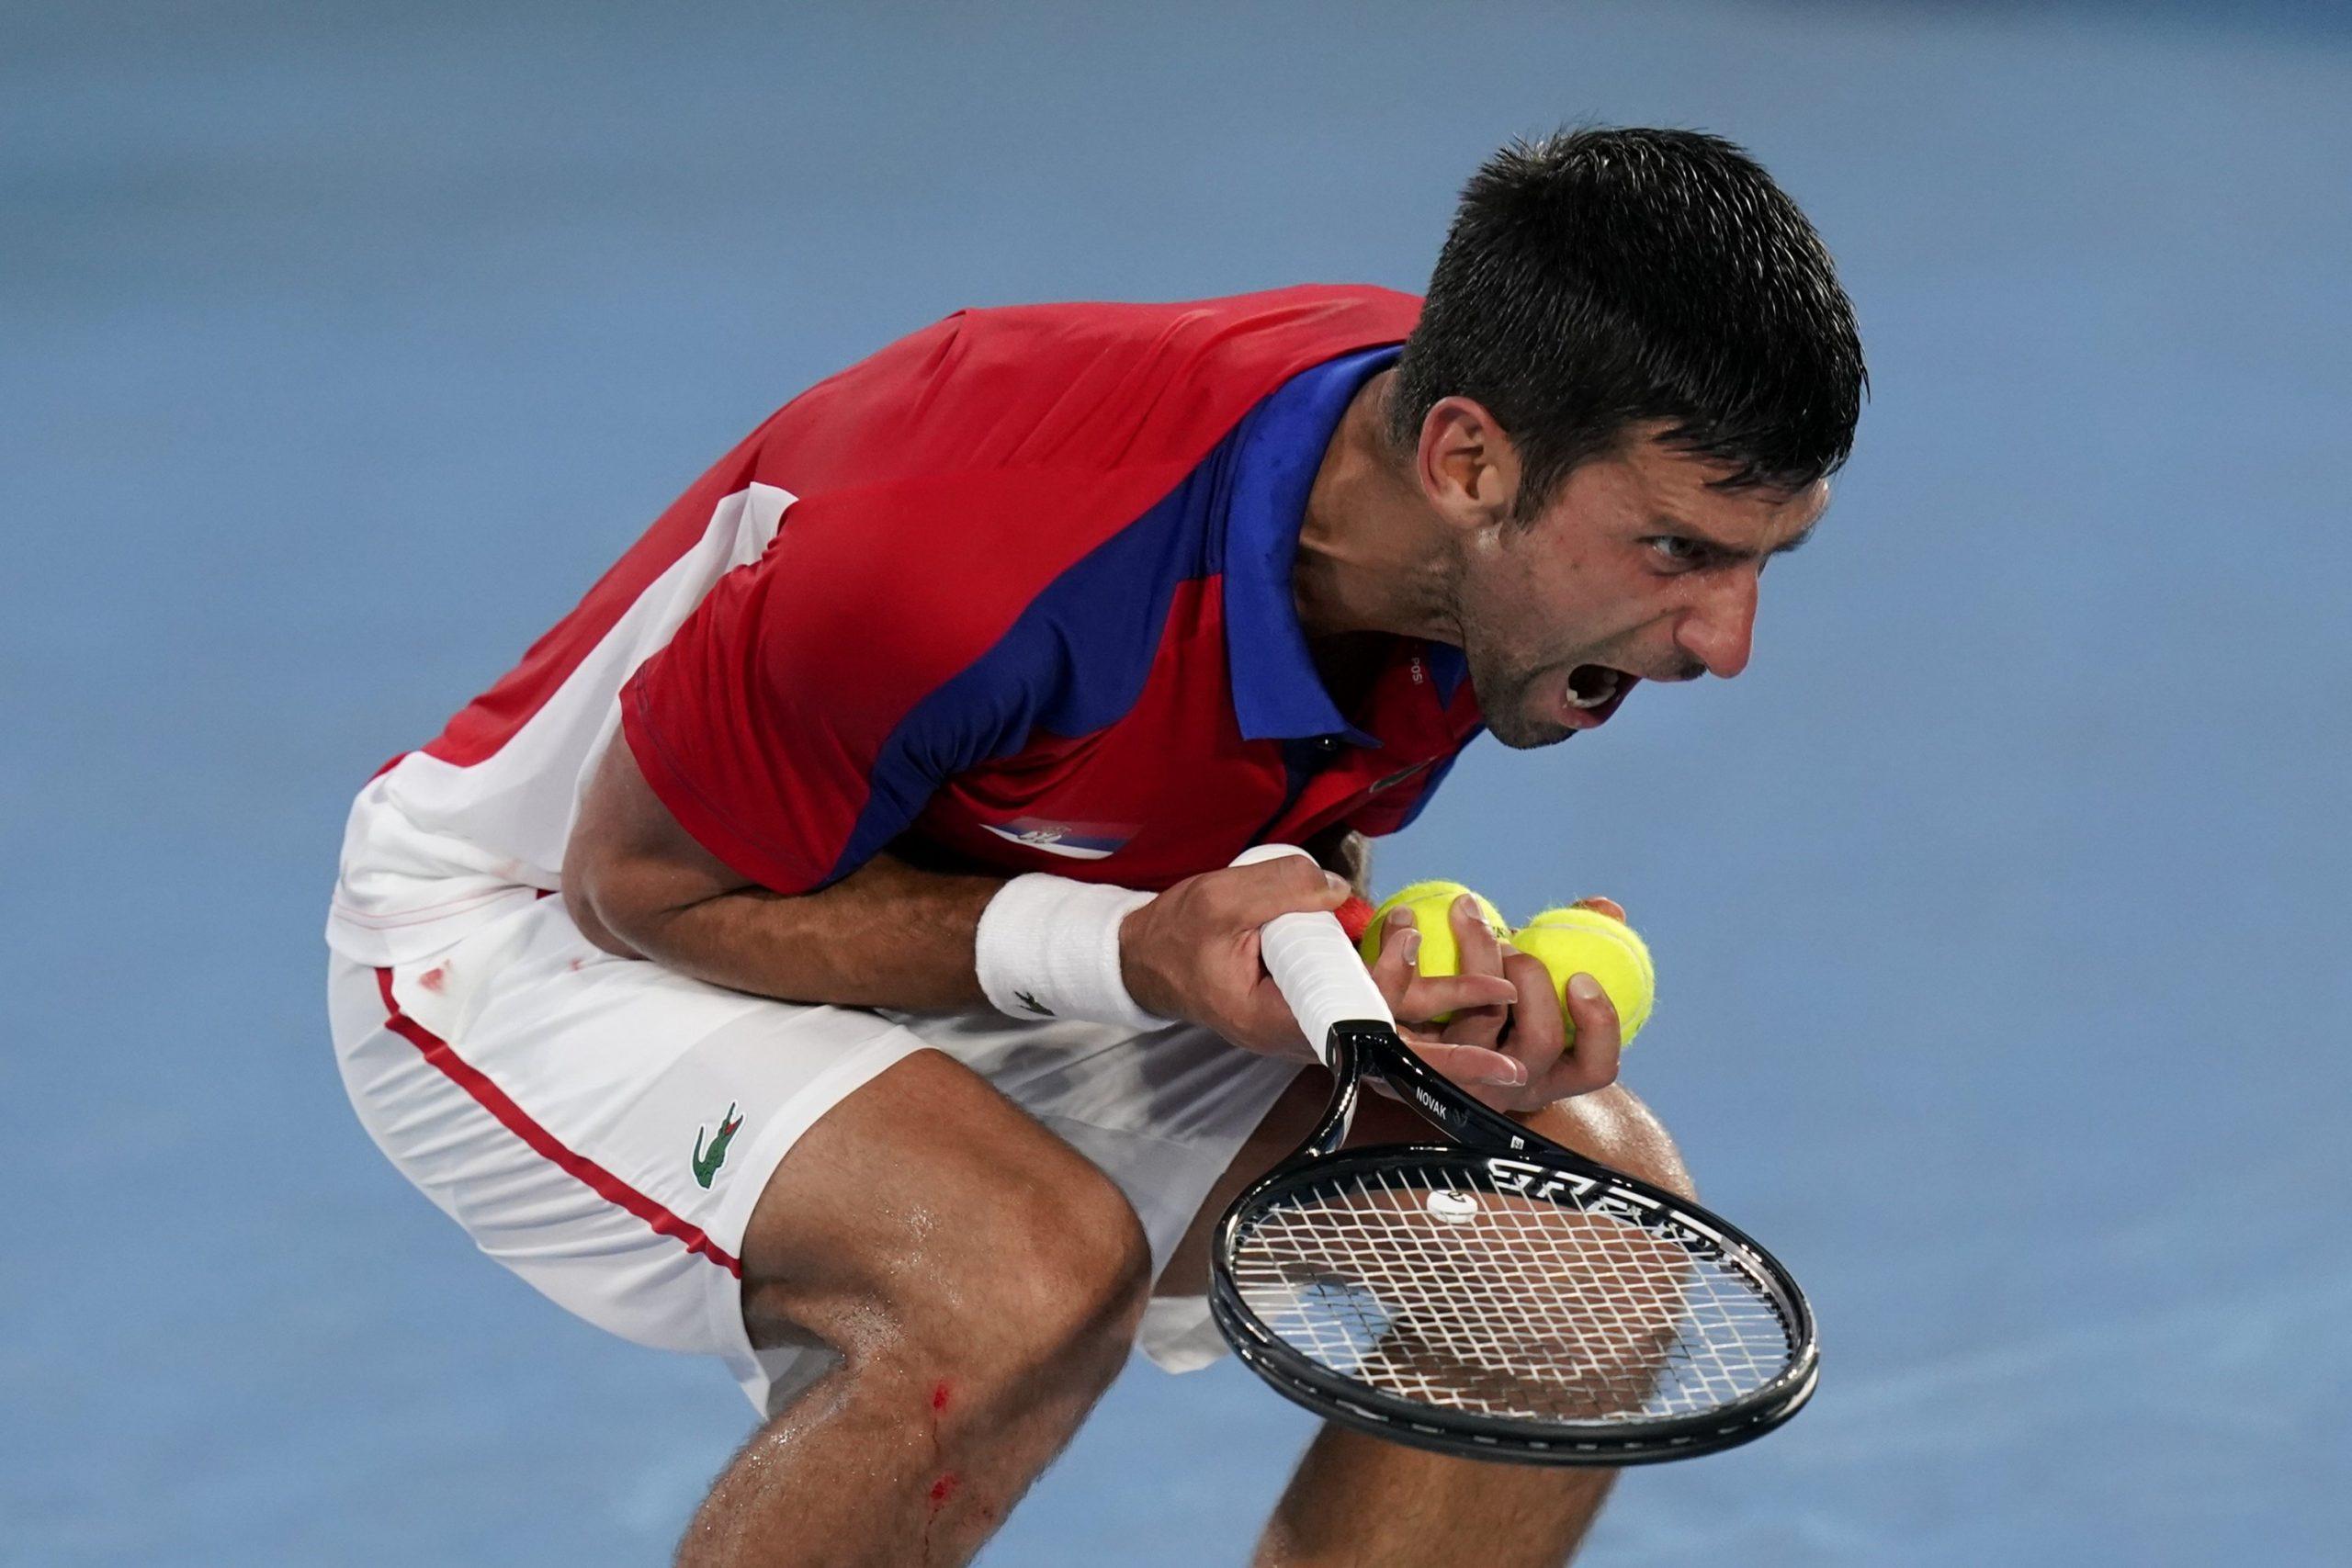 Djokovic Loses to Zverev, Fails in Golden Grand Slam Bid